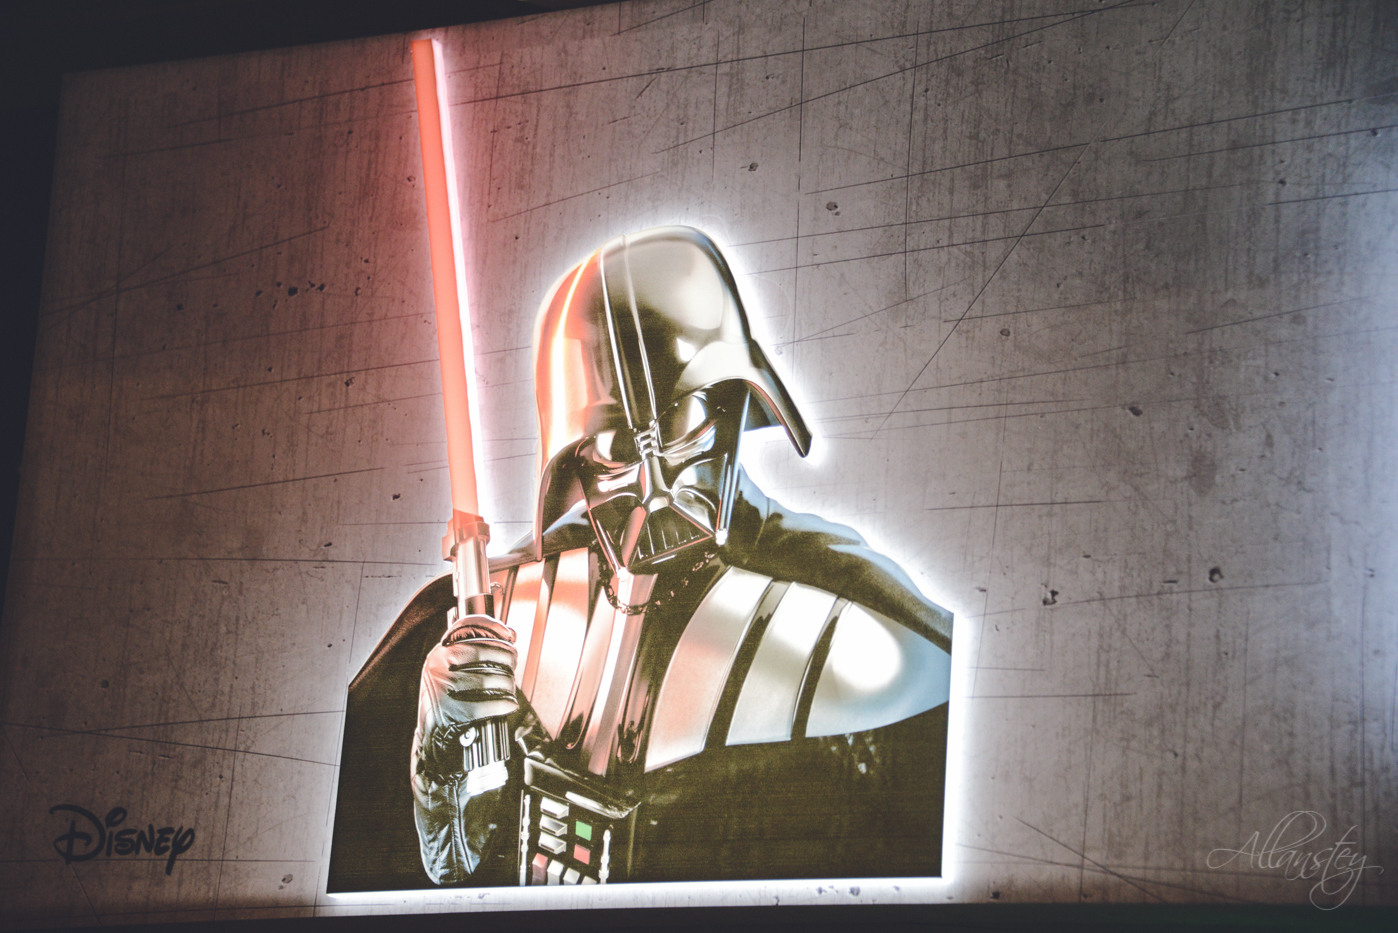 Star Wars in Detsky Mir shop